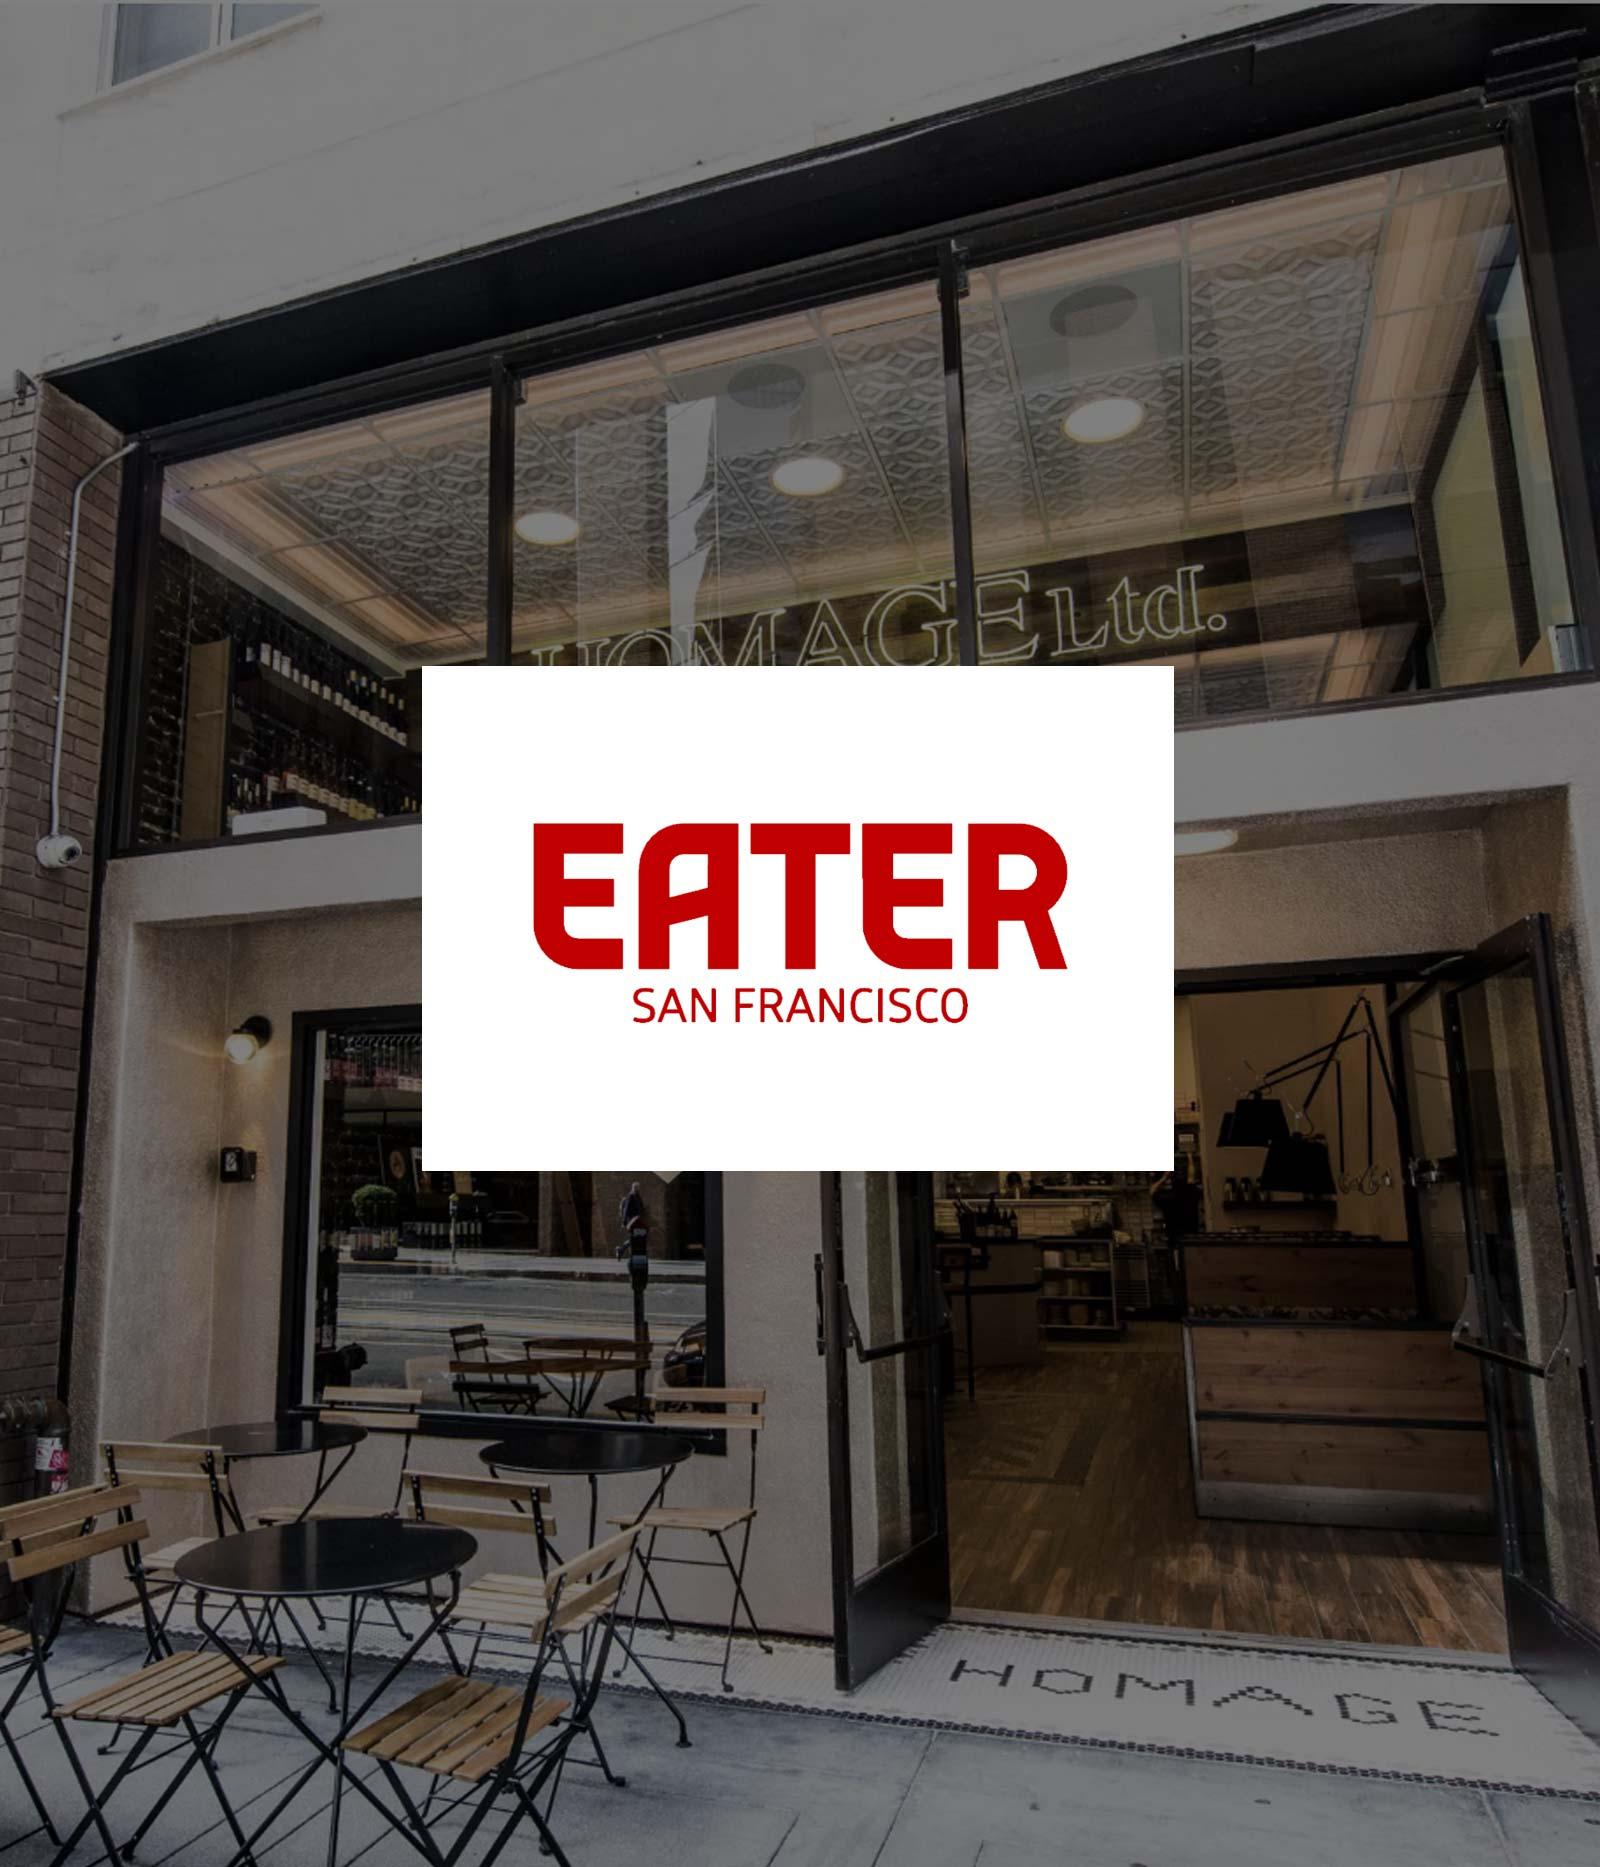 Eater_Thumb.jpg